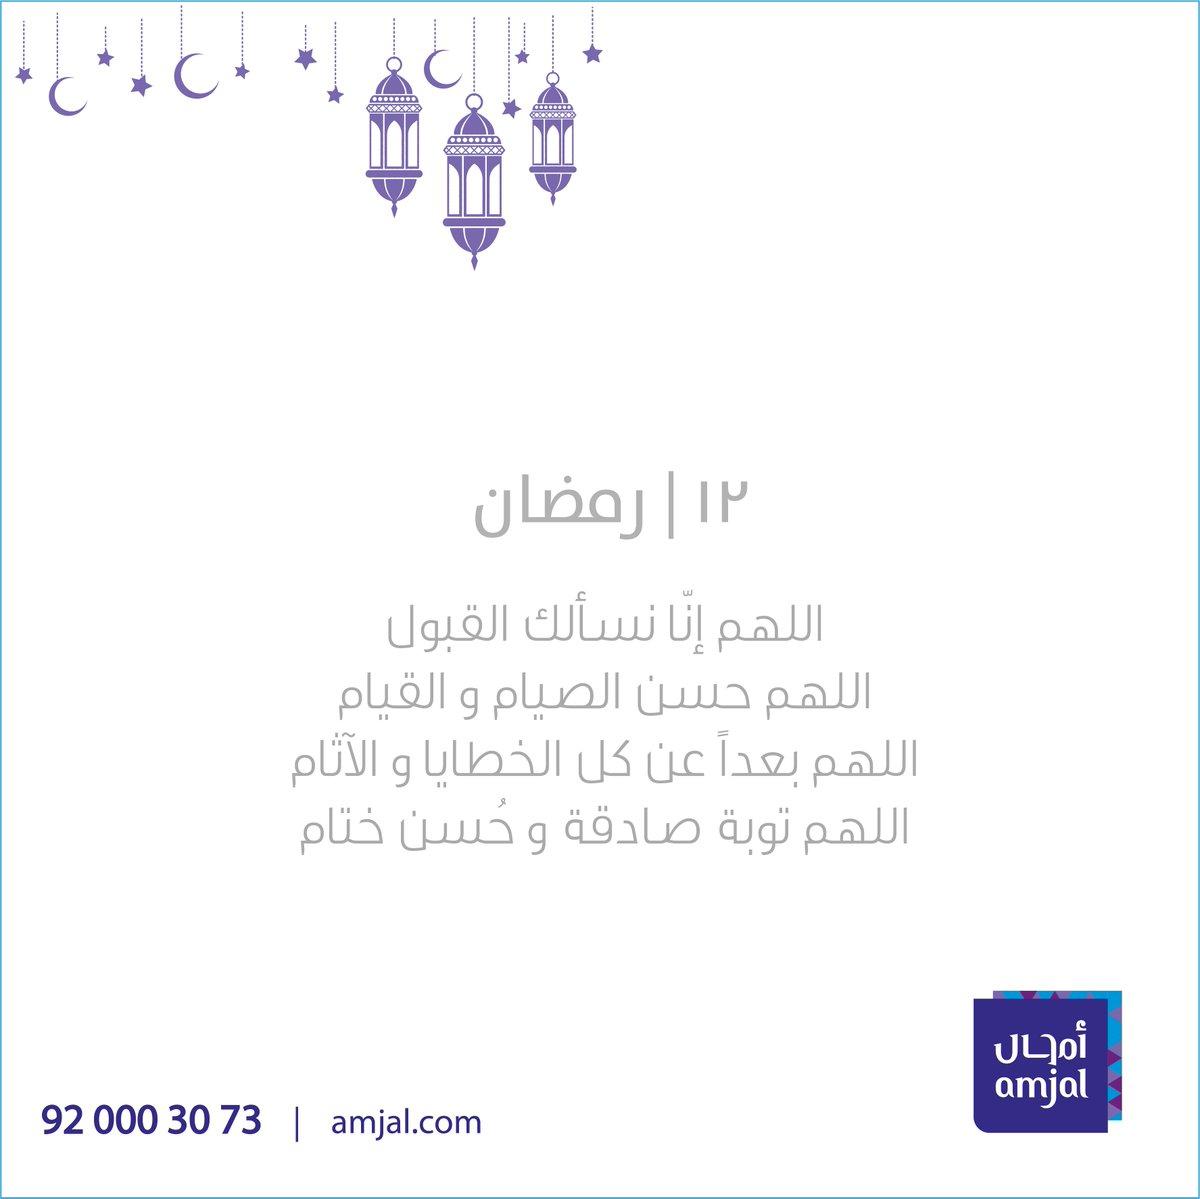 #دعاء_رمضان https://t.co/Ij057xfHbw